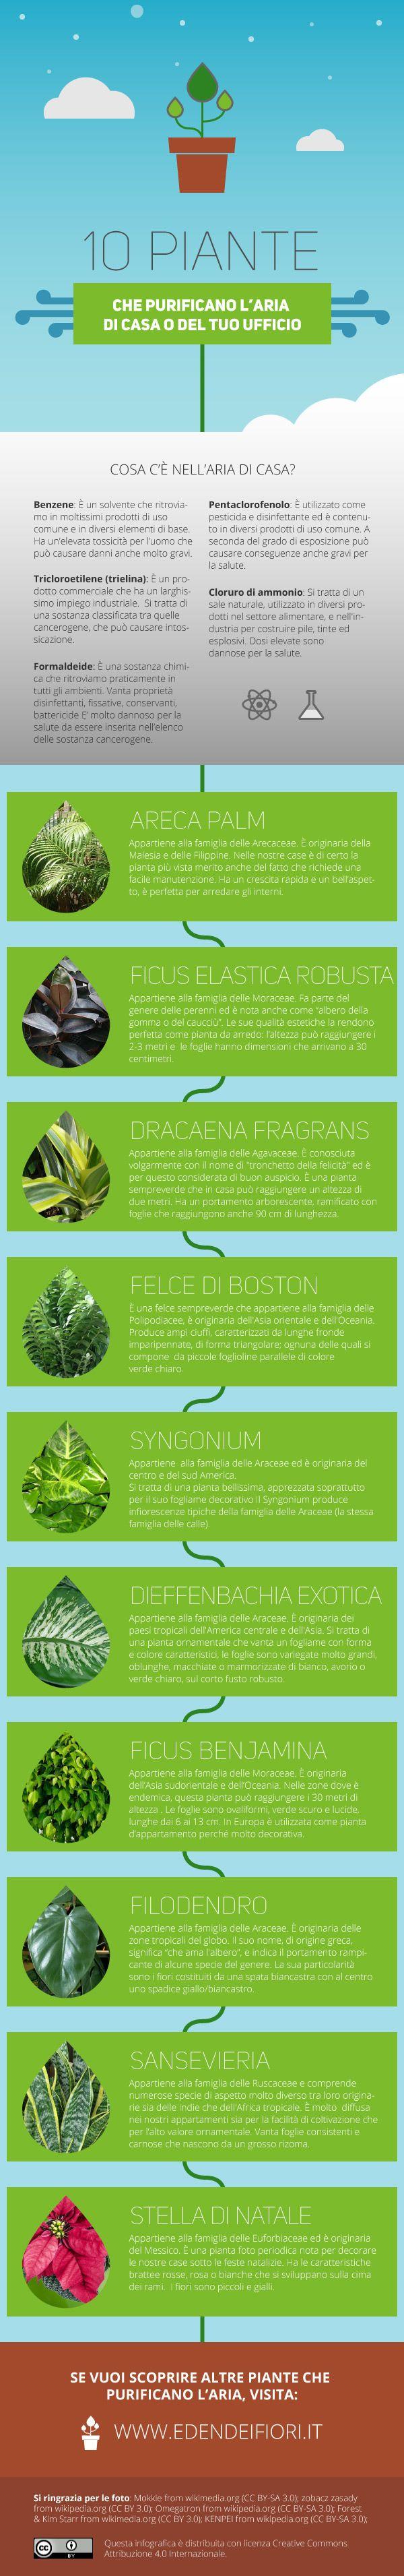 Oltre 25 fantastiche idee su piante di casa su pinterest - Calendario trattamenti piante da frutto ...